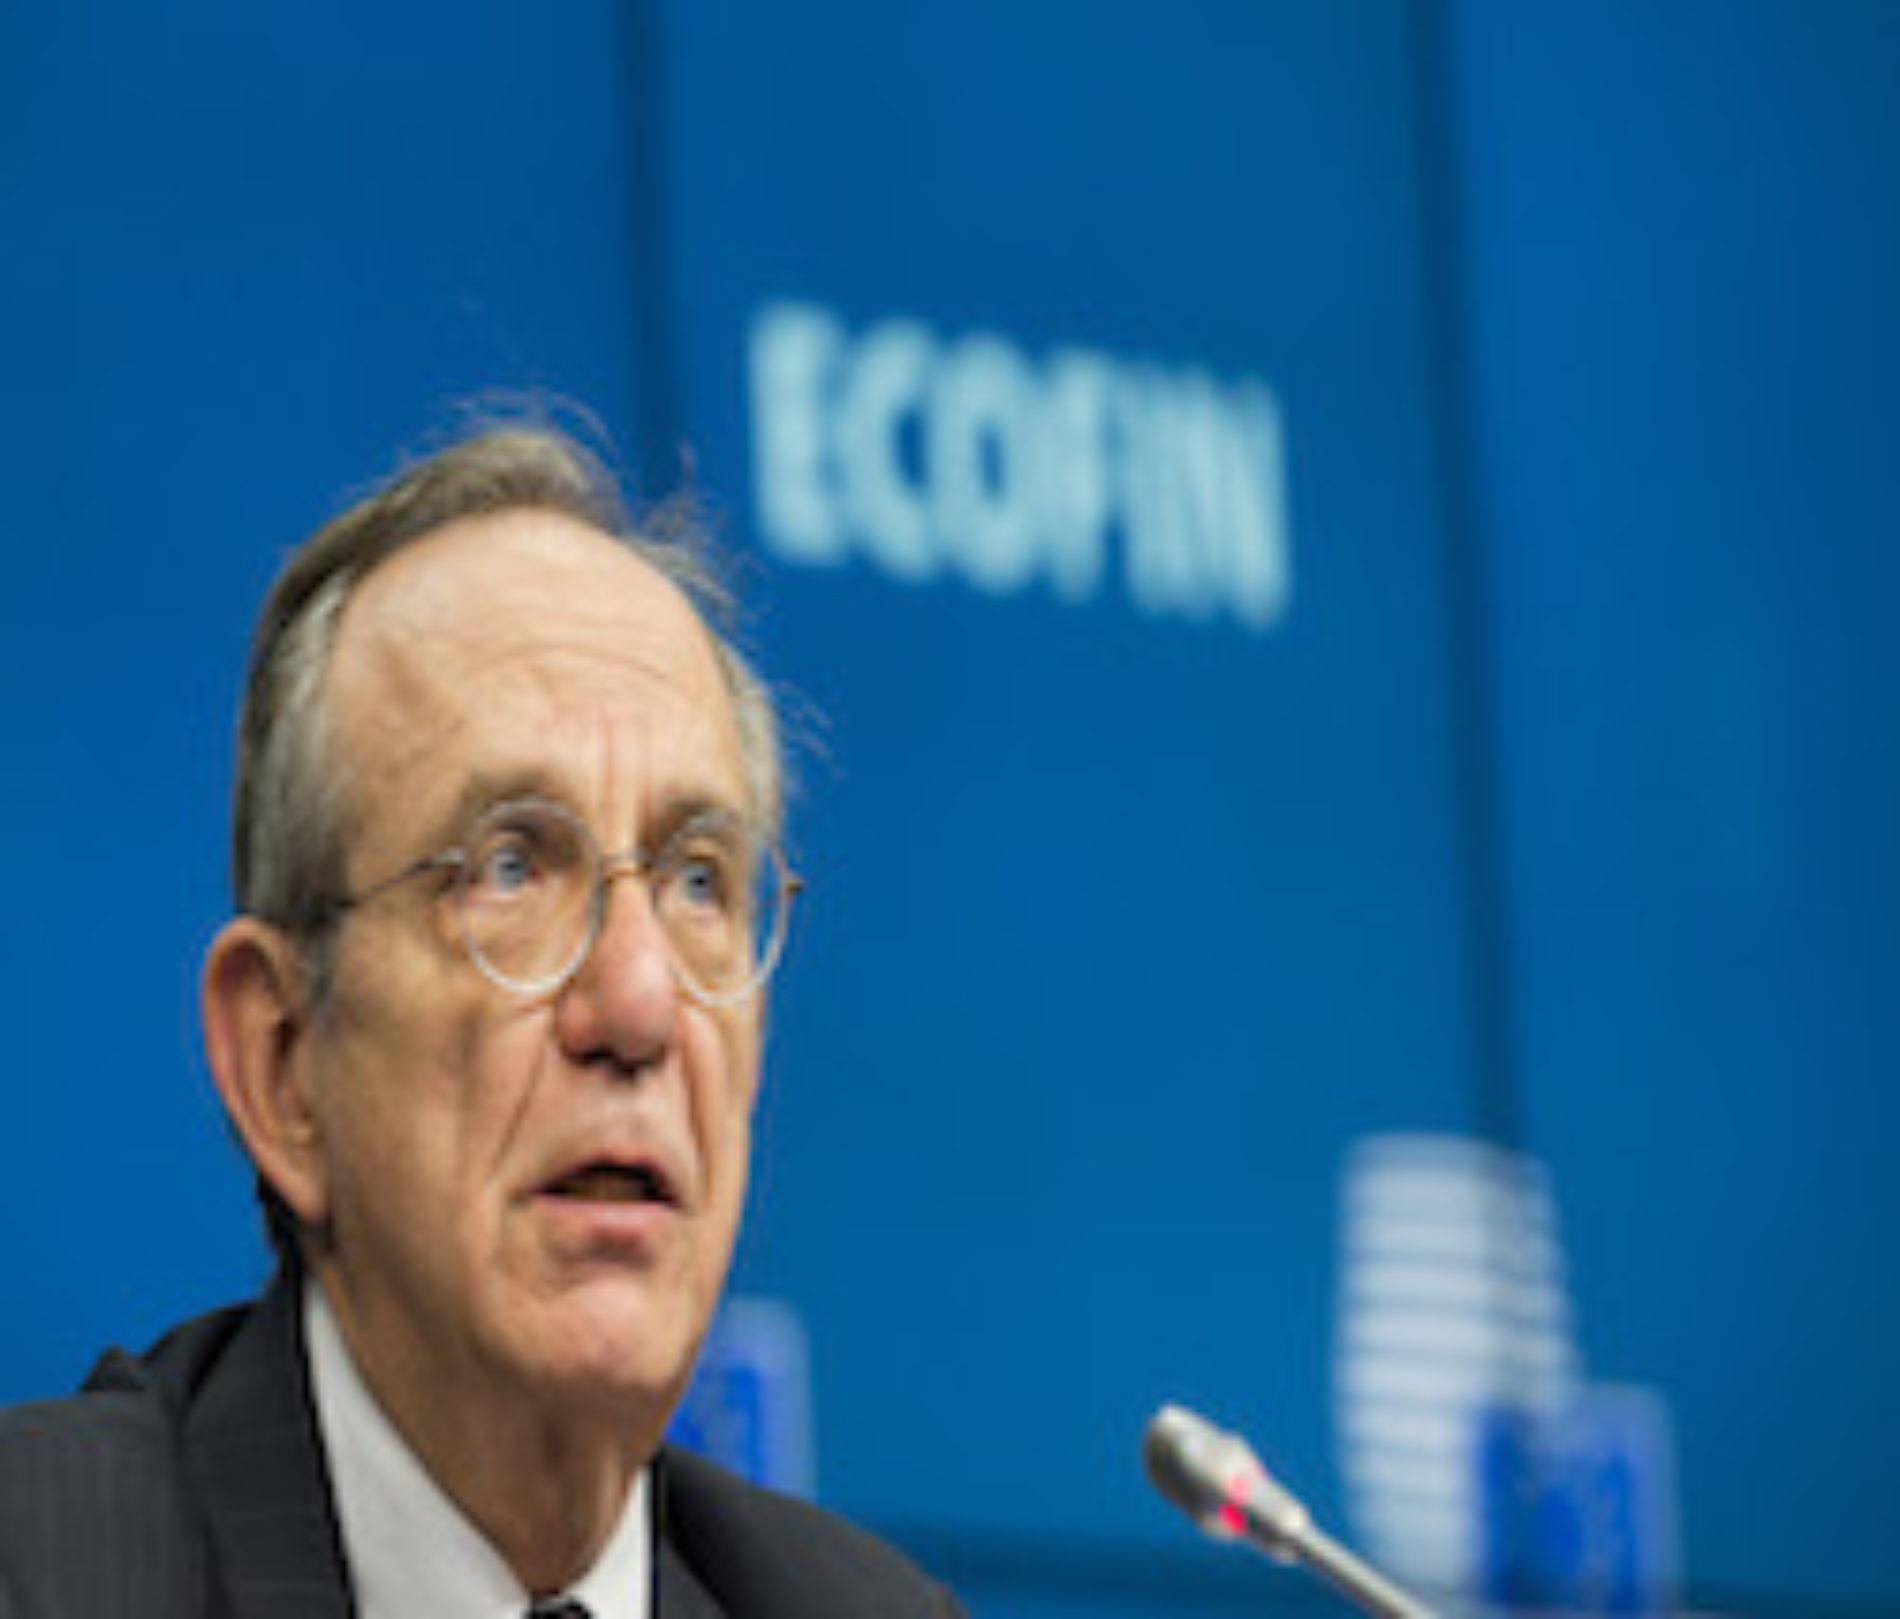 """Ecofin e Commissione UE su tassazione e-cig. Per R. Polosa: """"La salute pubblica ha priorità assoluta"""""""